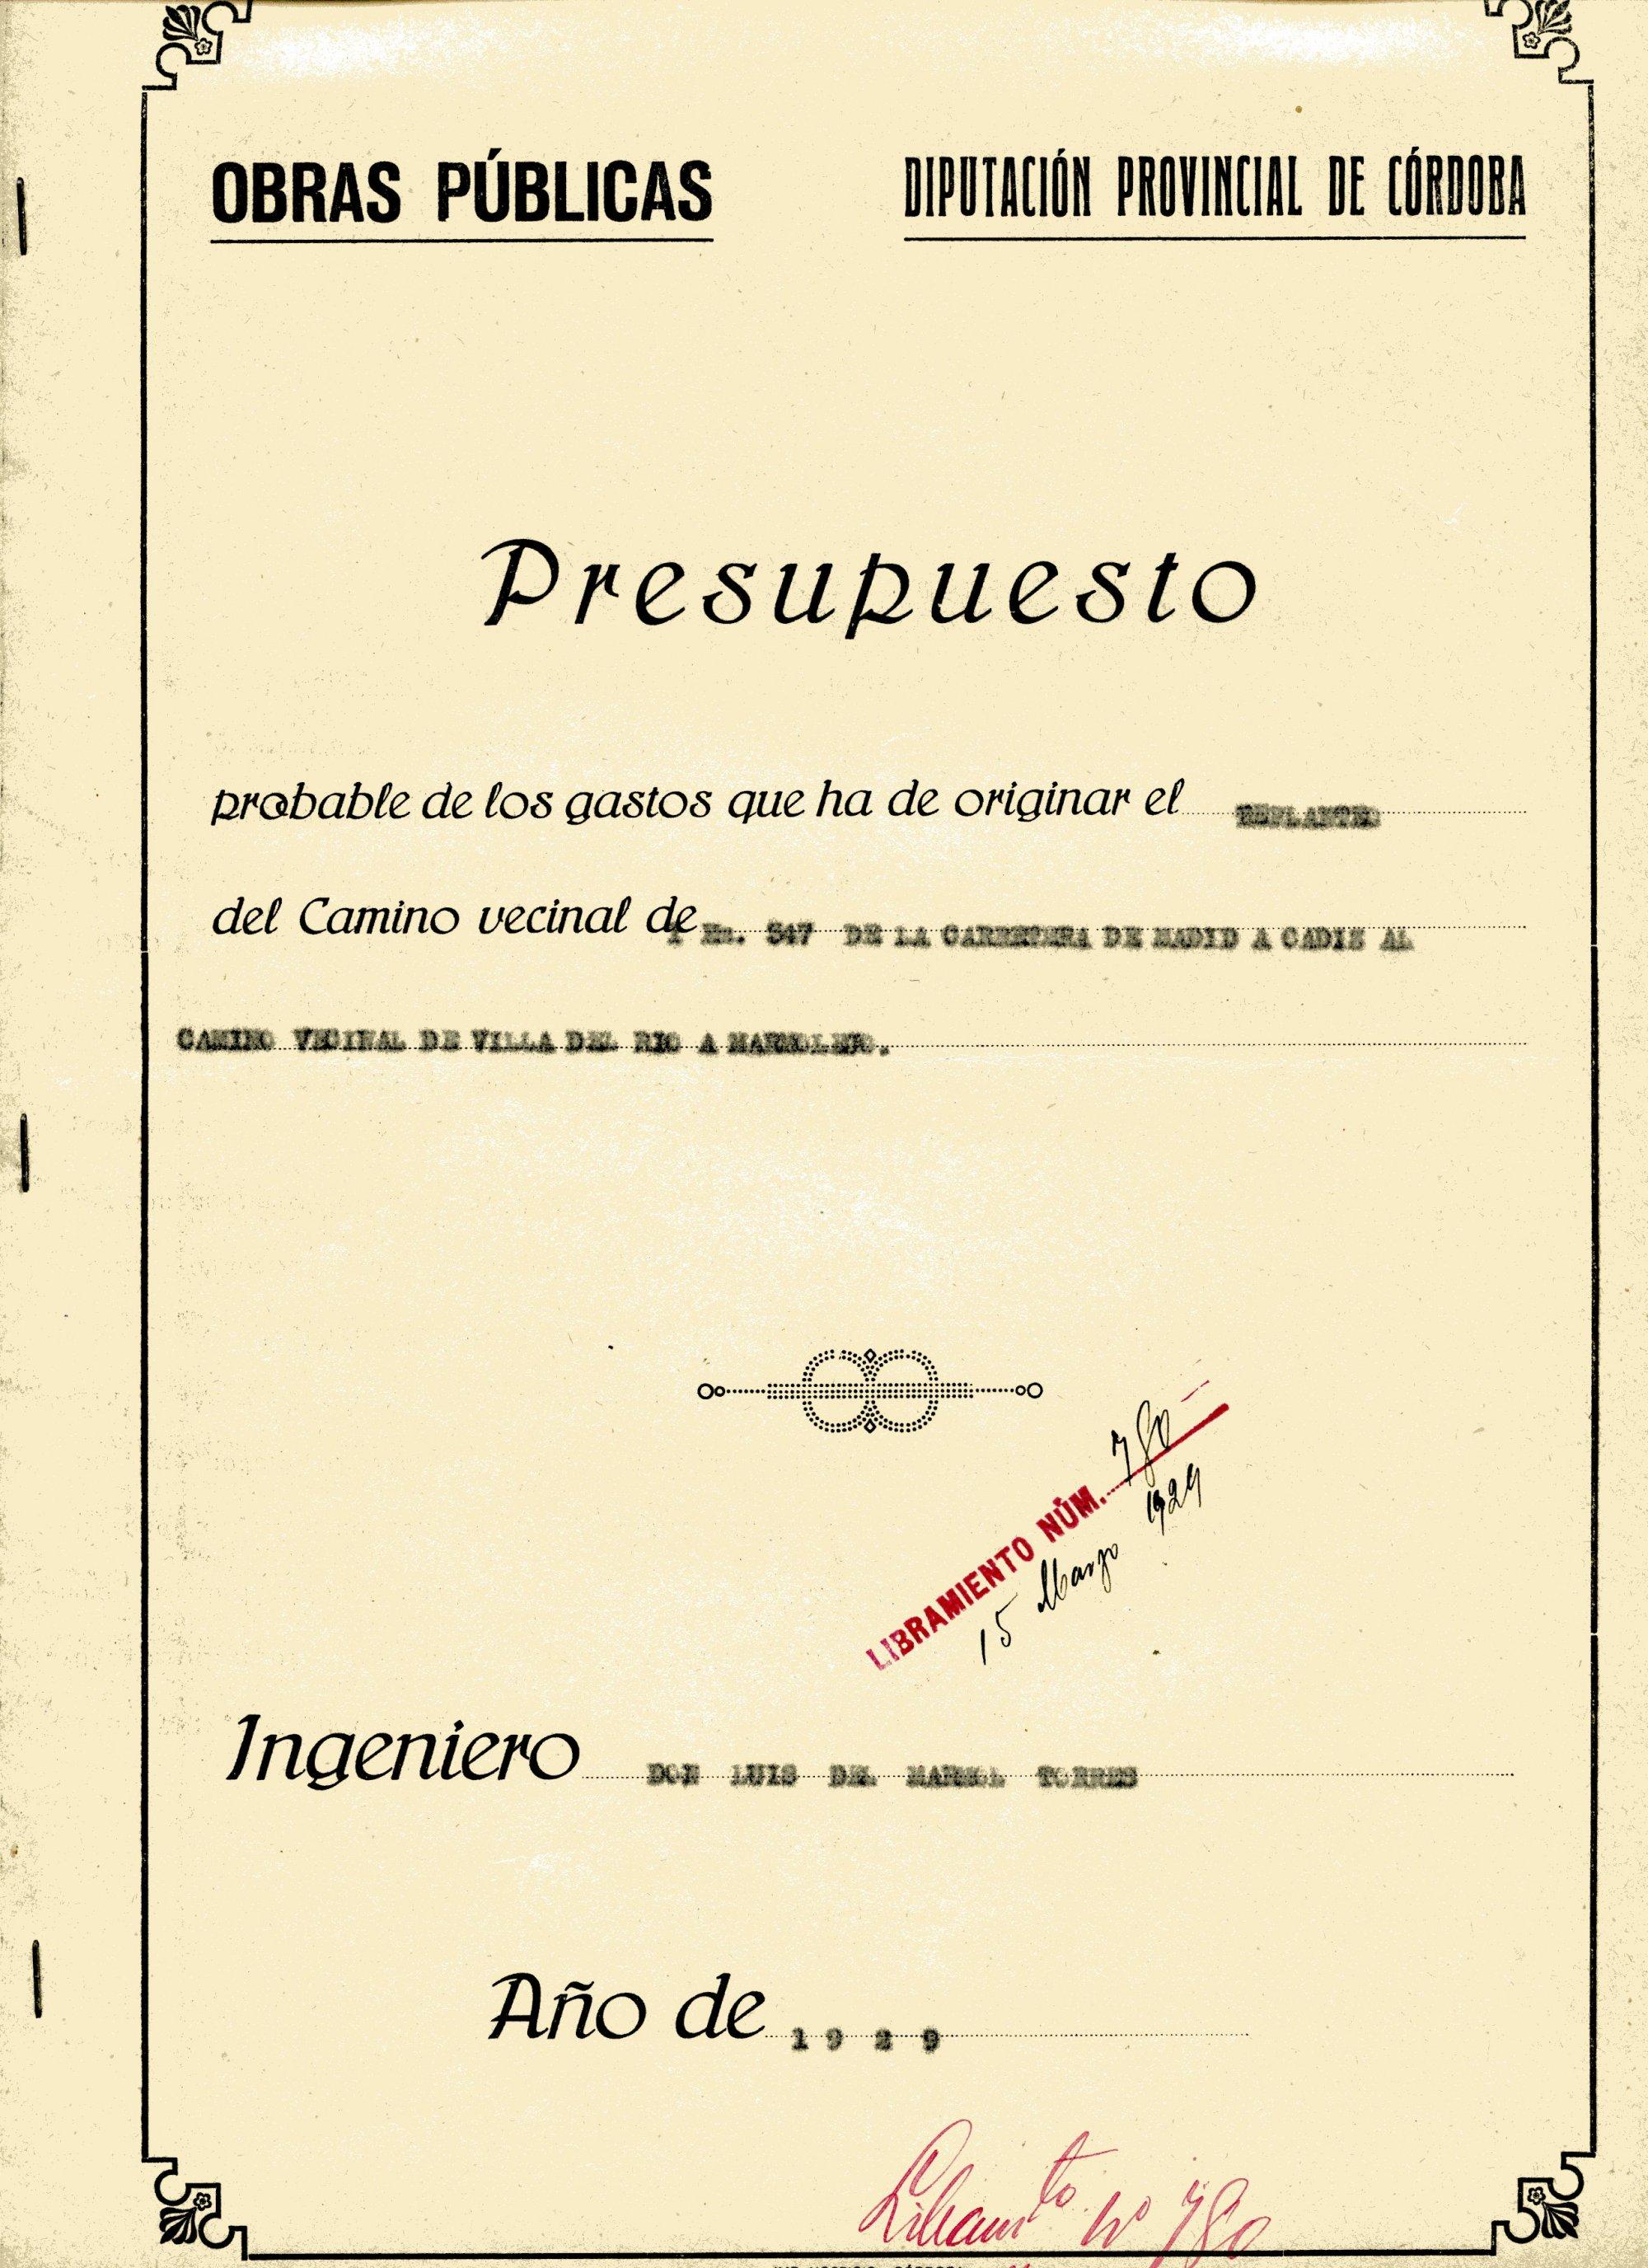 Dipucordoba - Imprenta Provincial